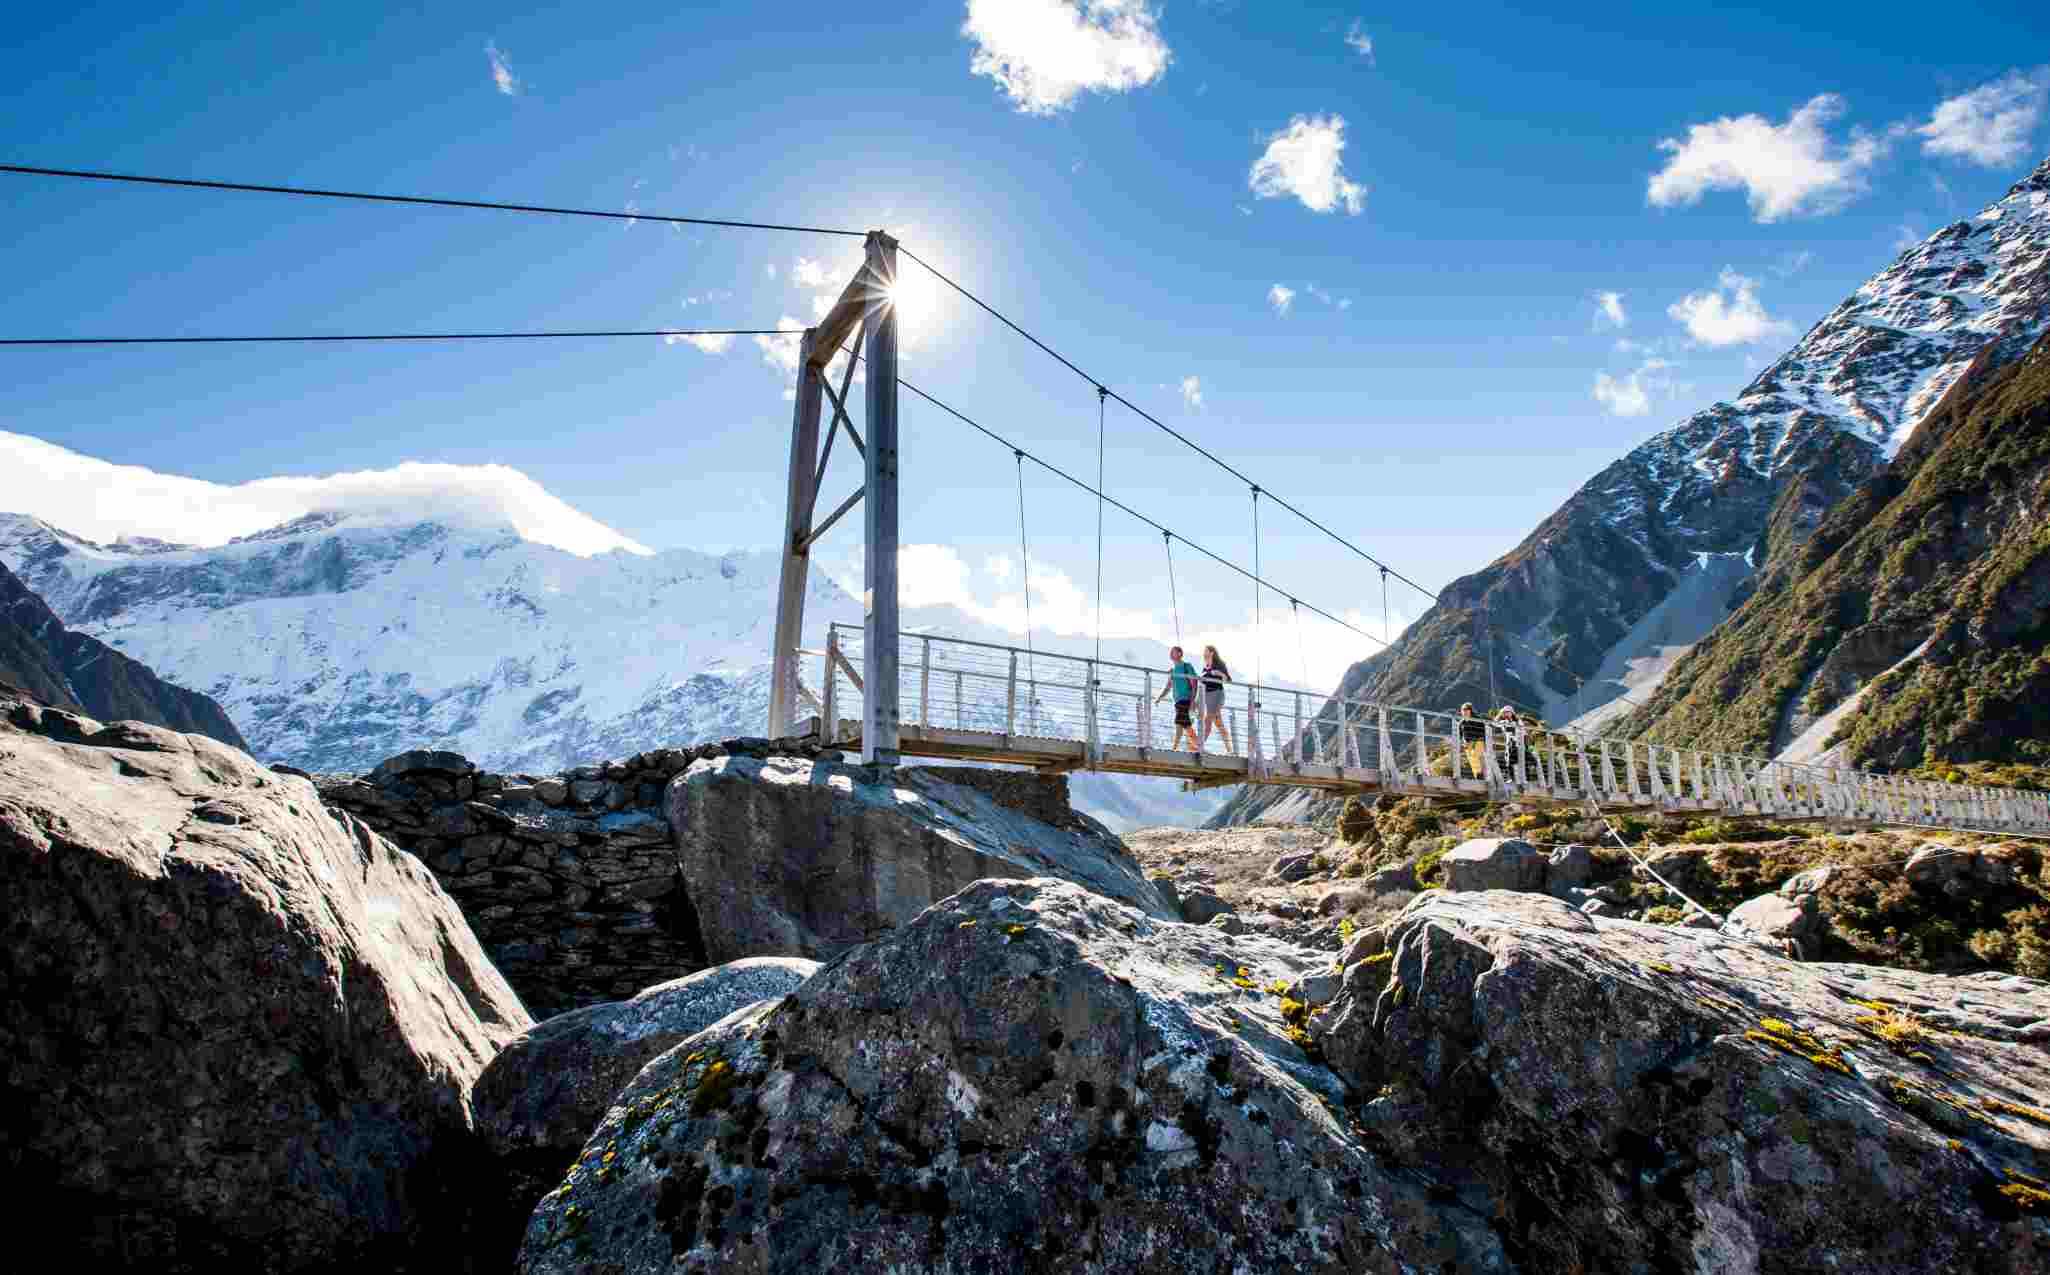 Mount Cook National Park Hooker Valley Swing Bridge